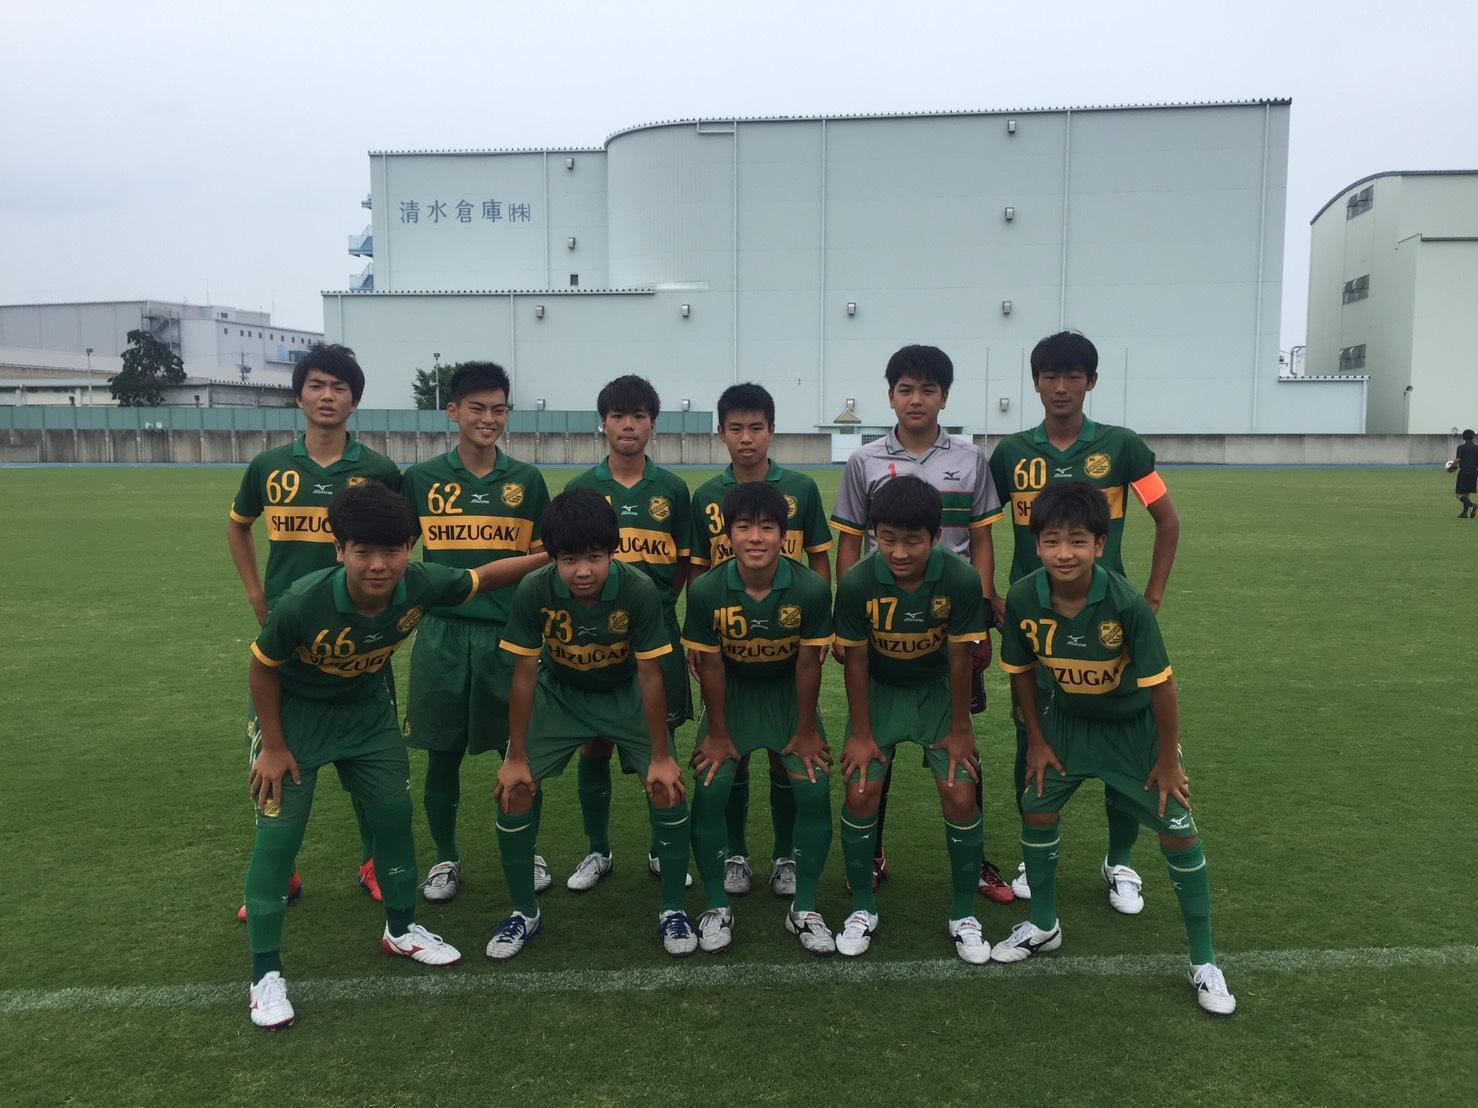 静岡 学園 サッカー 2019